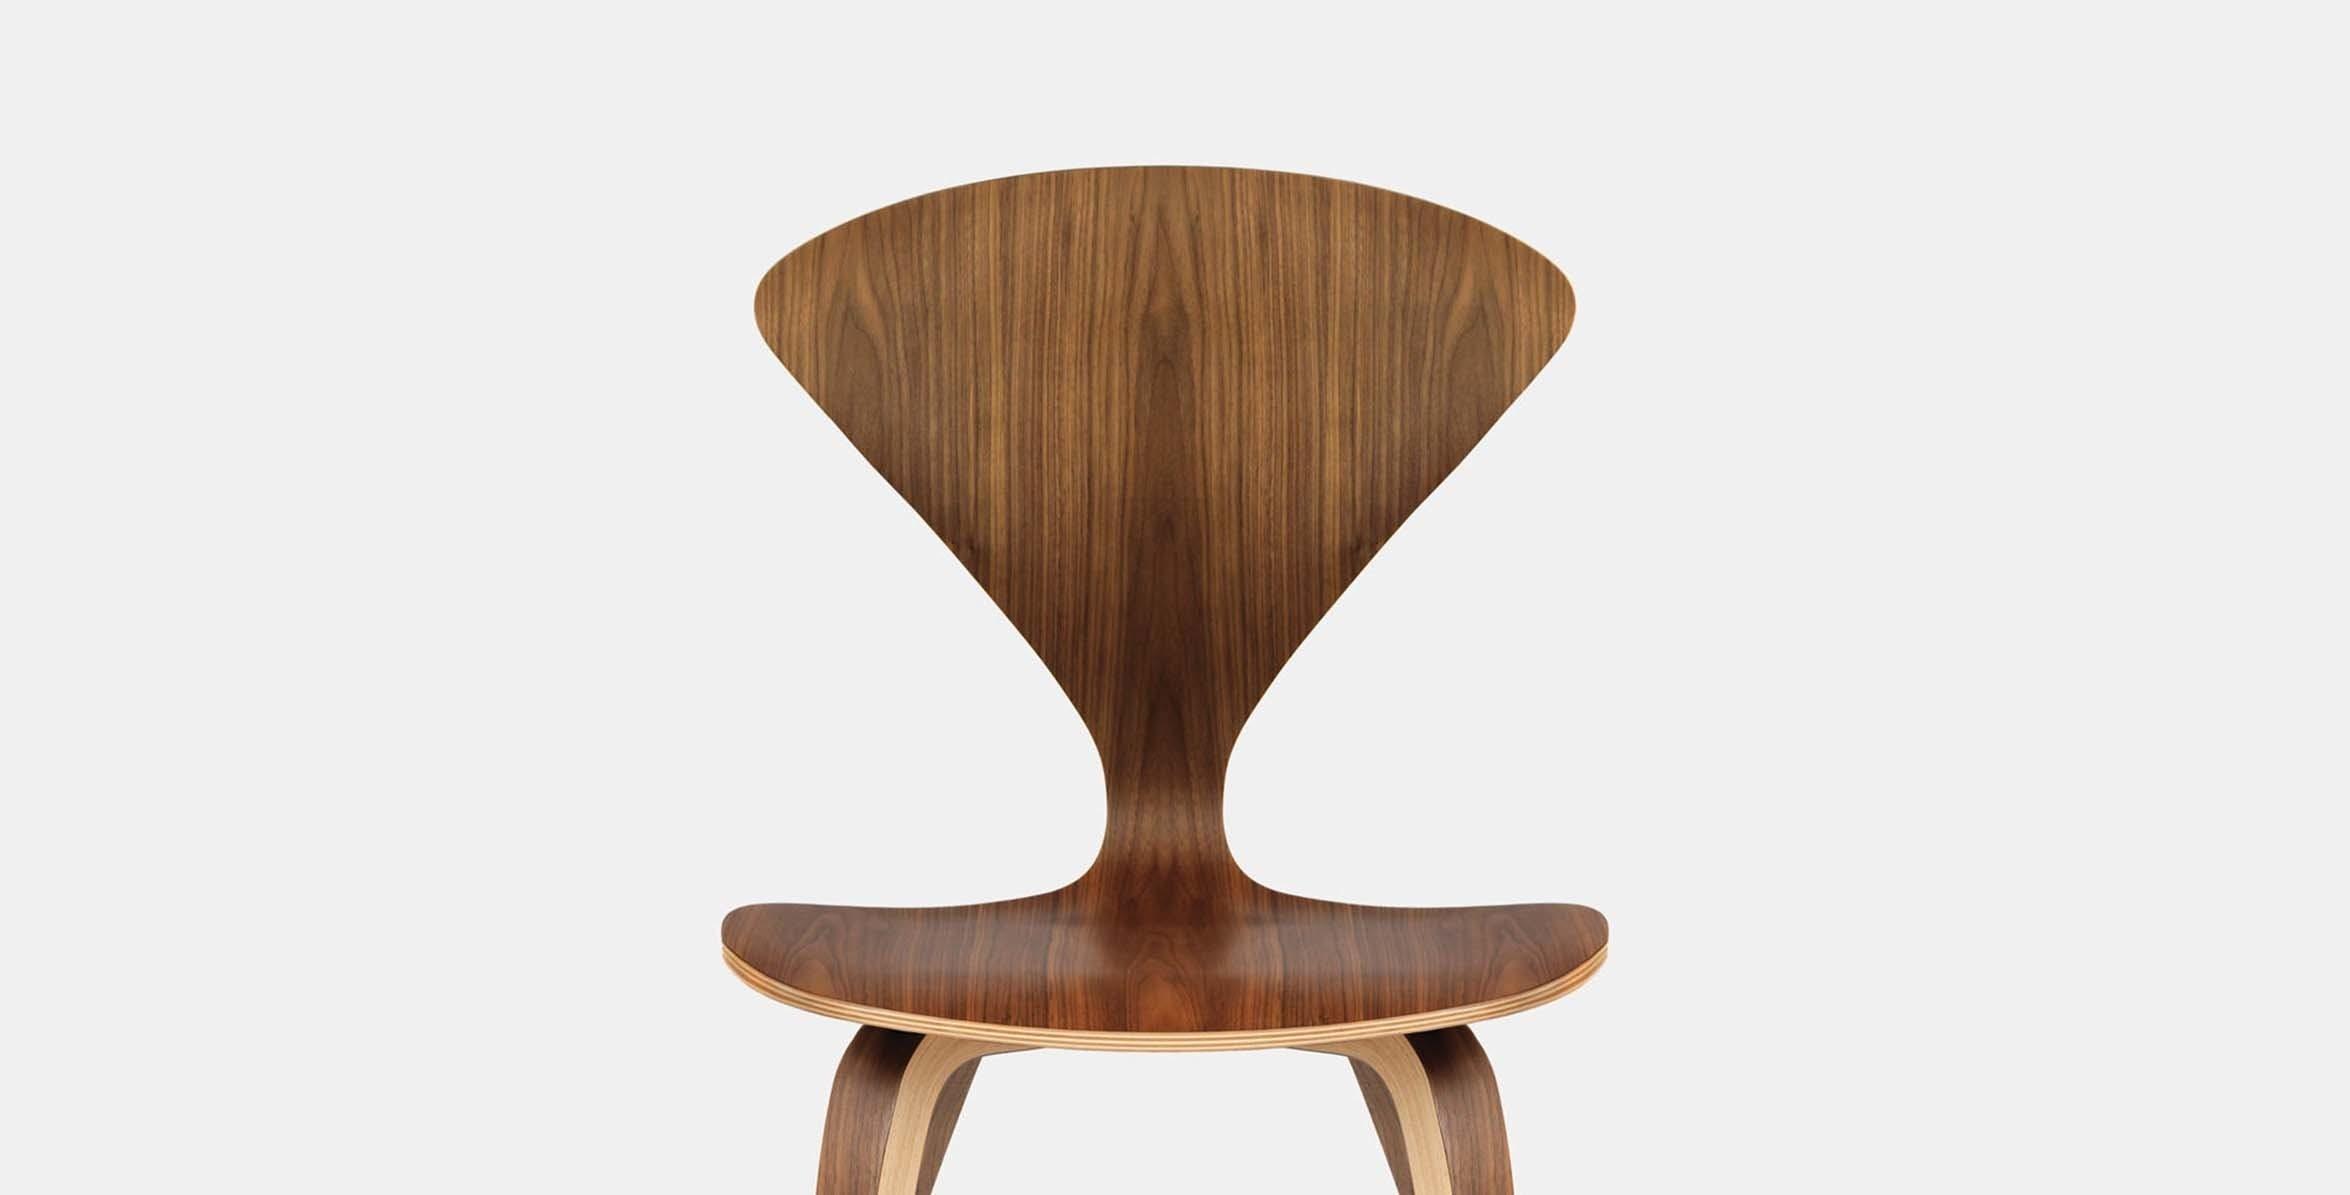 Designer Norman Cherner